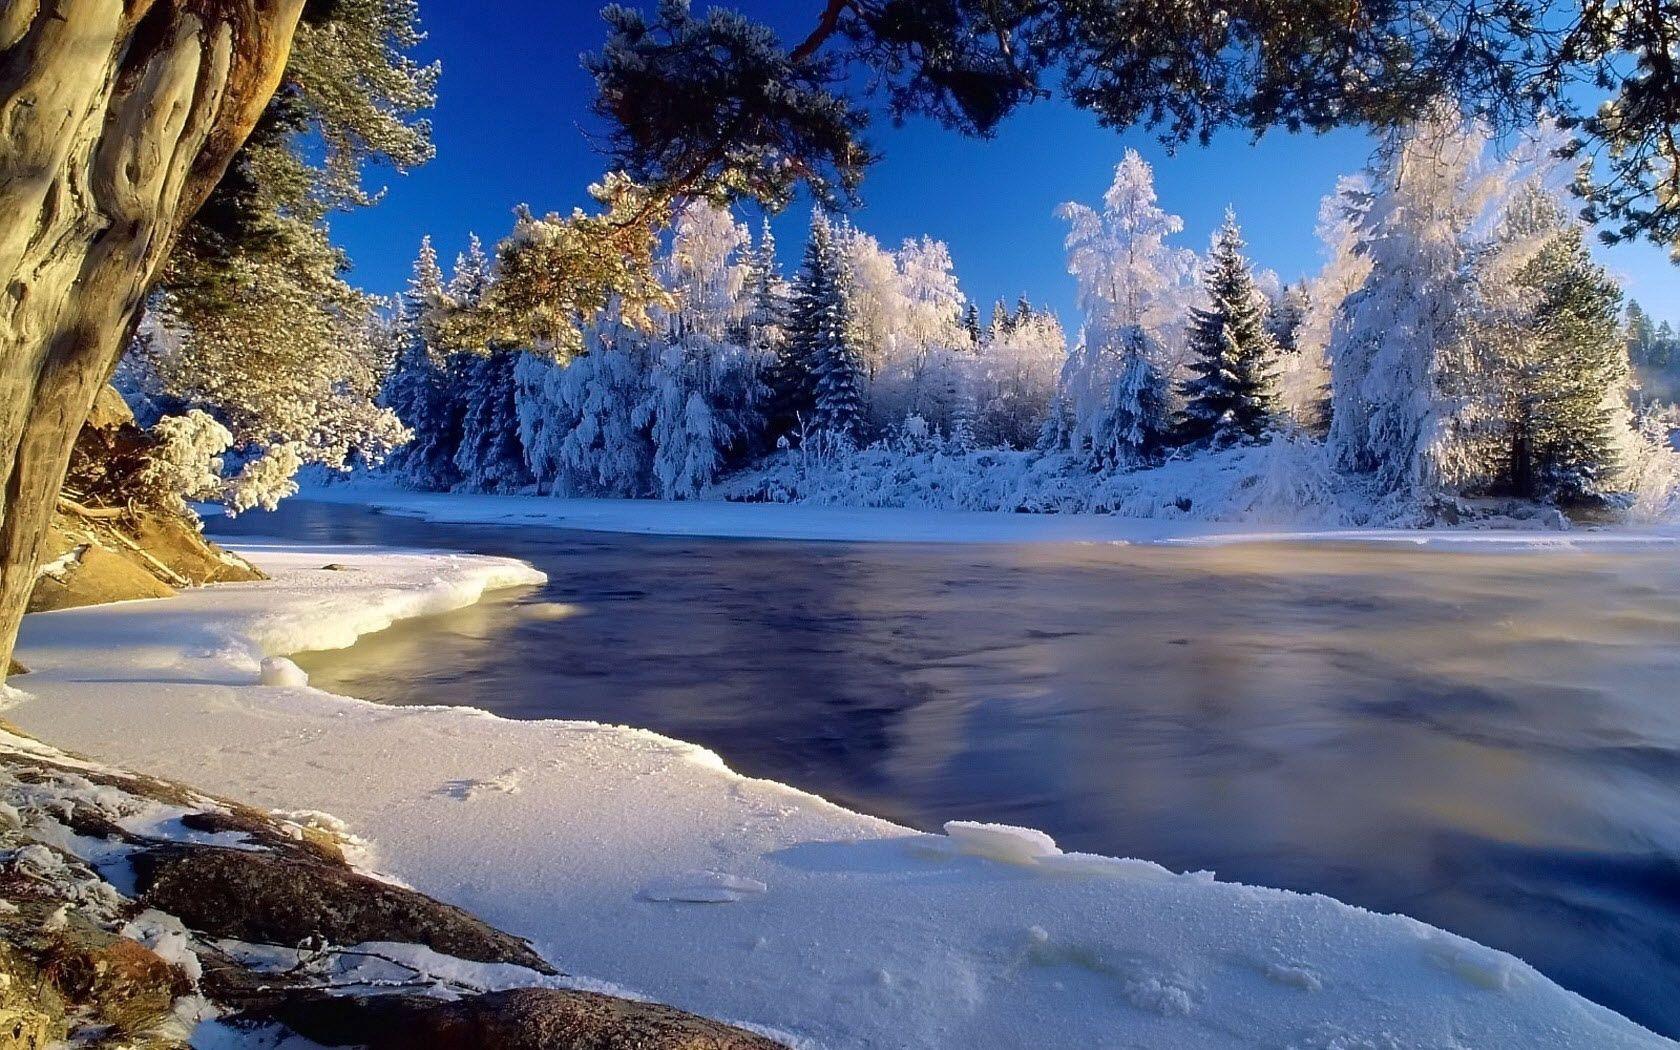 122633 Заставки и Обои Лед на телефон. Скачать Лед, Природа, Деревья, Река, Течение, Иней, Берега картинки бесплатно